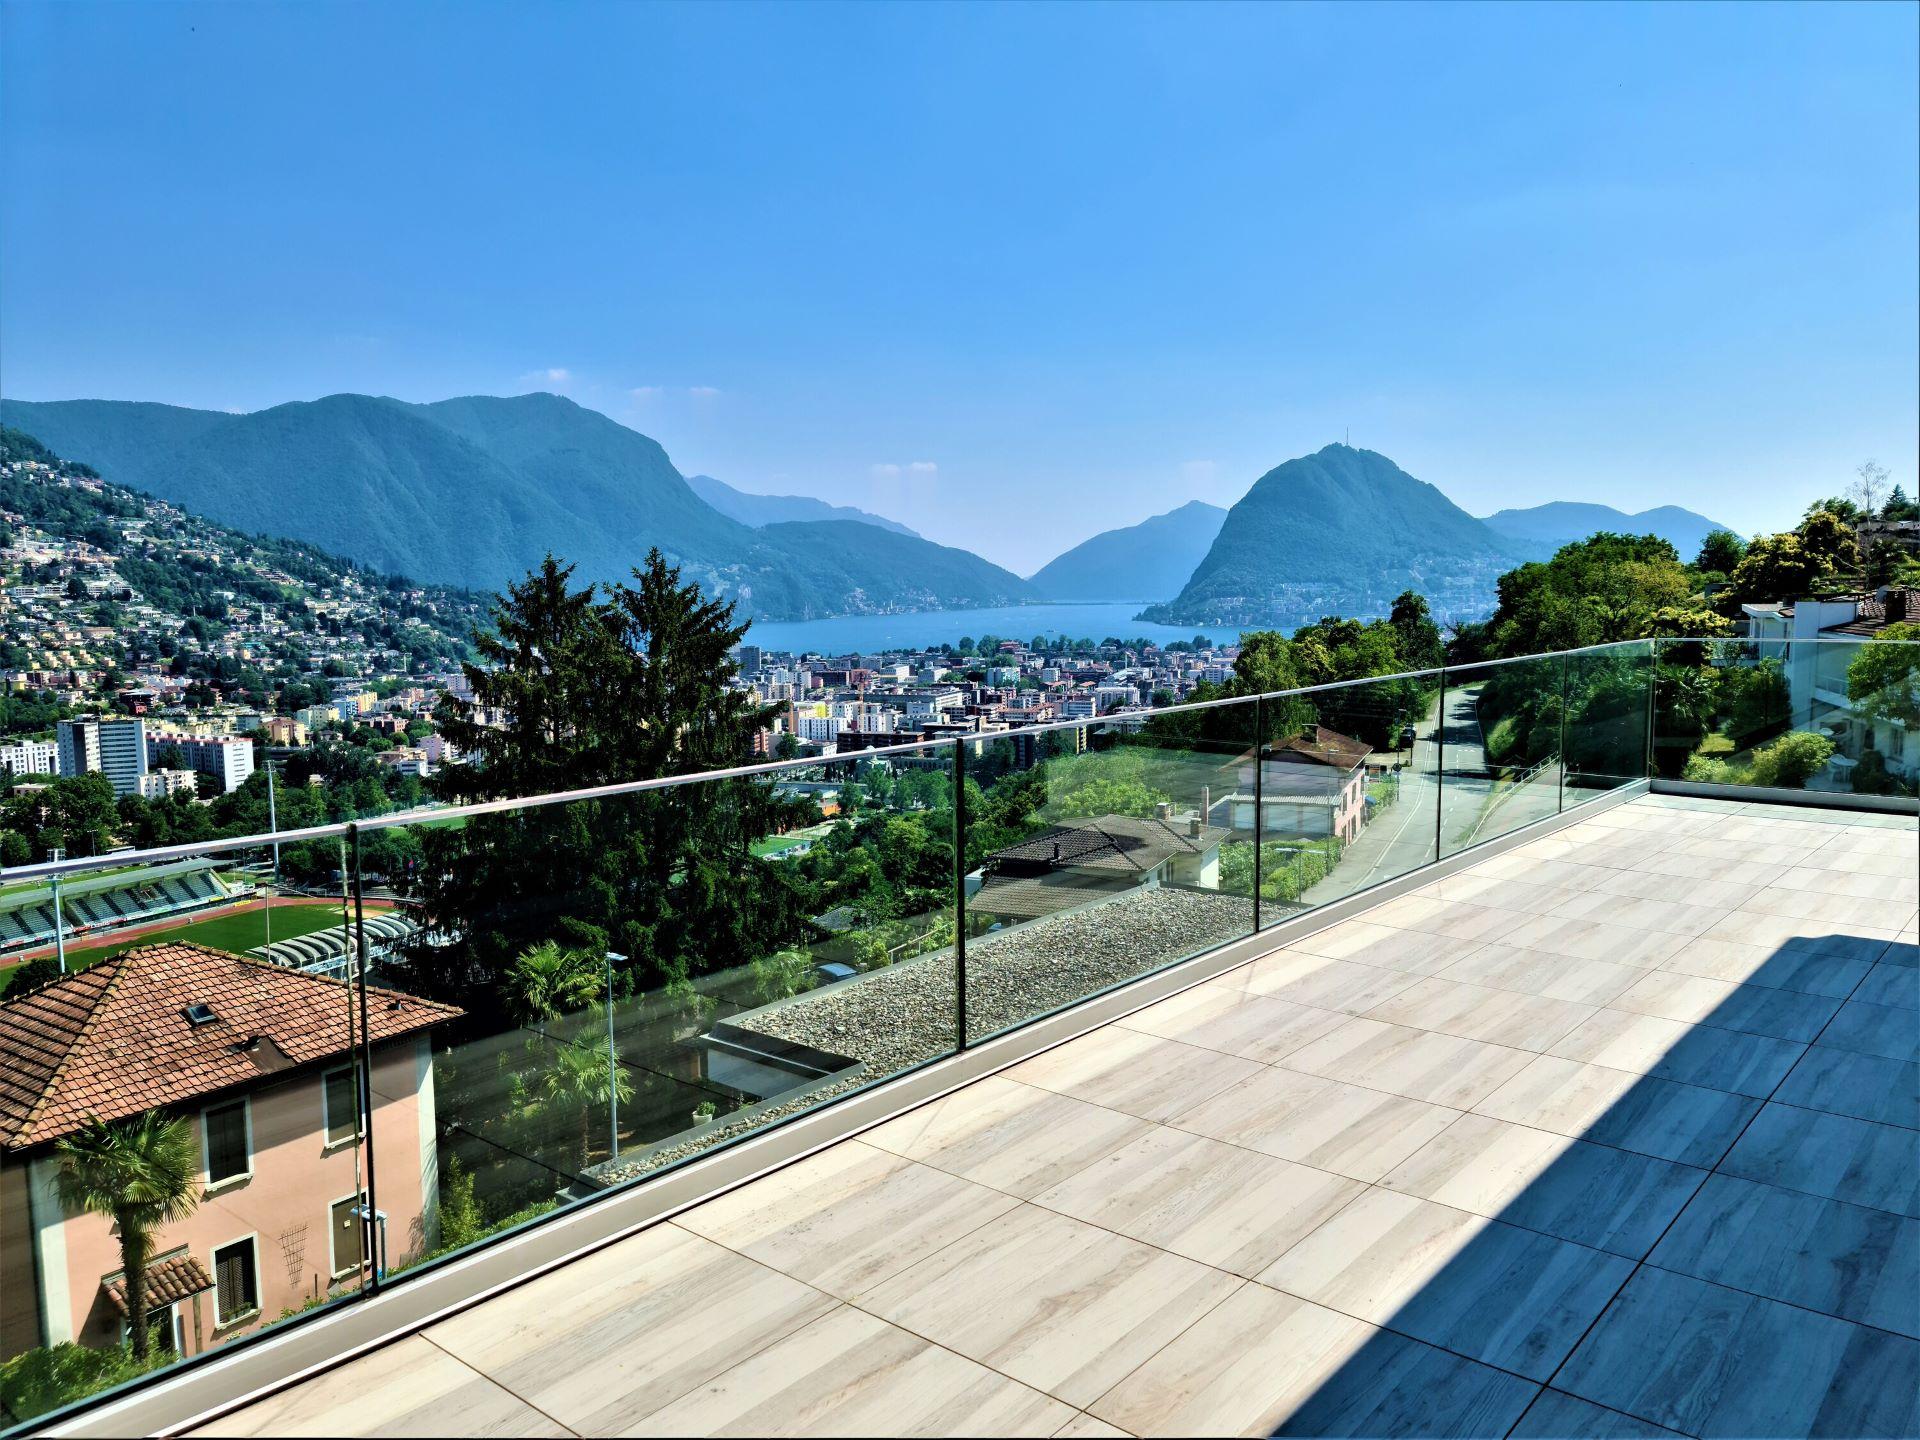 Esclusivo 4.5 locali con SPA e vista sul golfo di Lugano in vendita a Porza